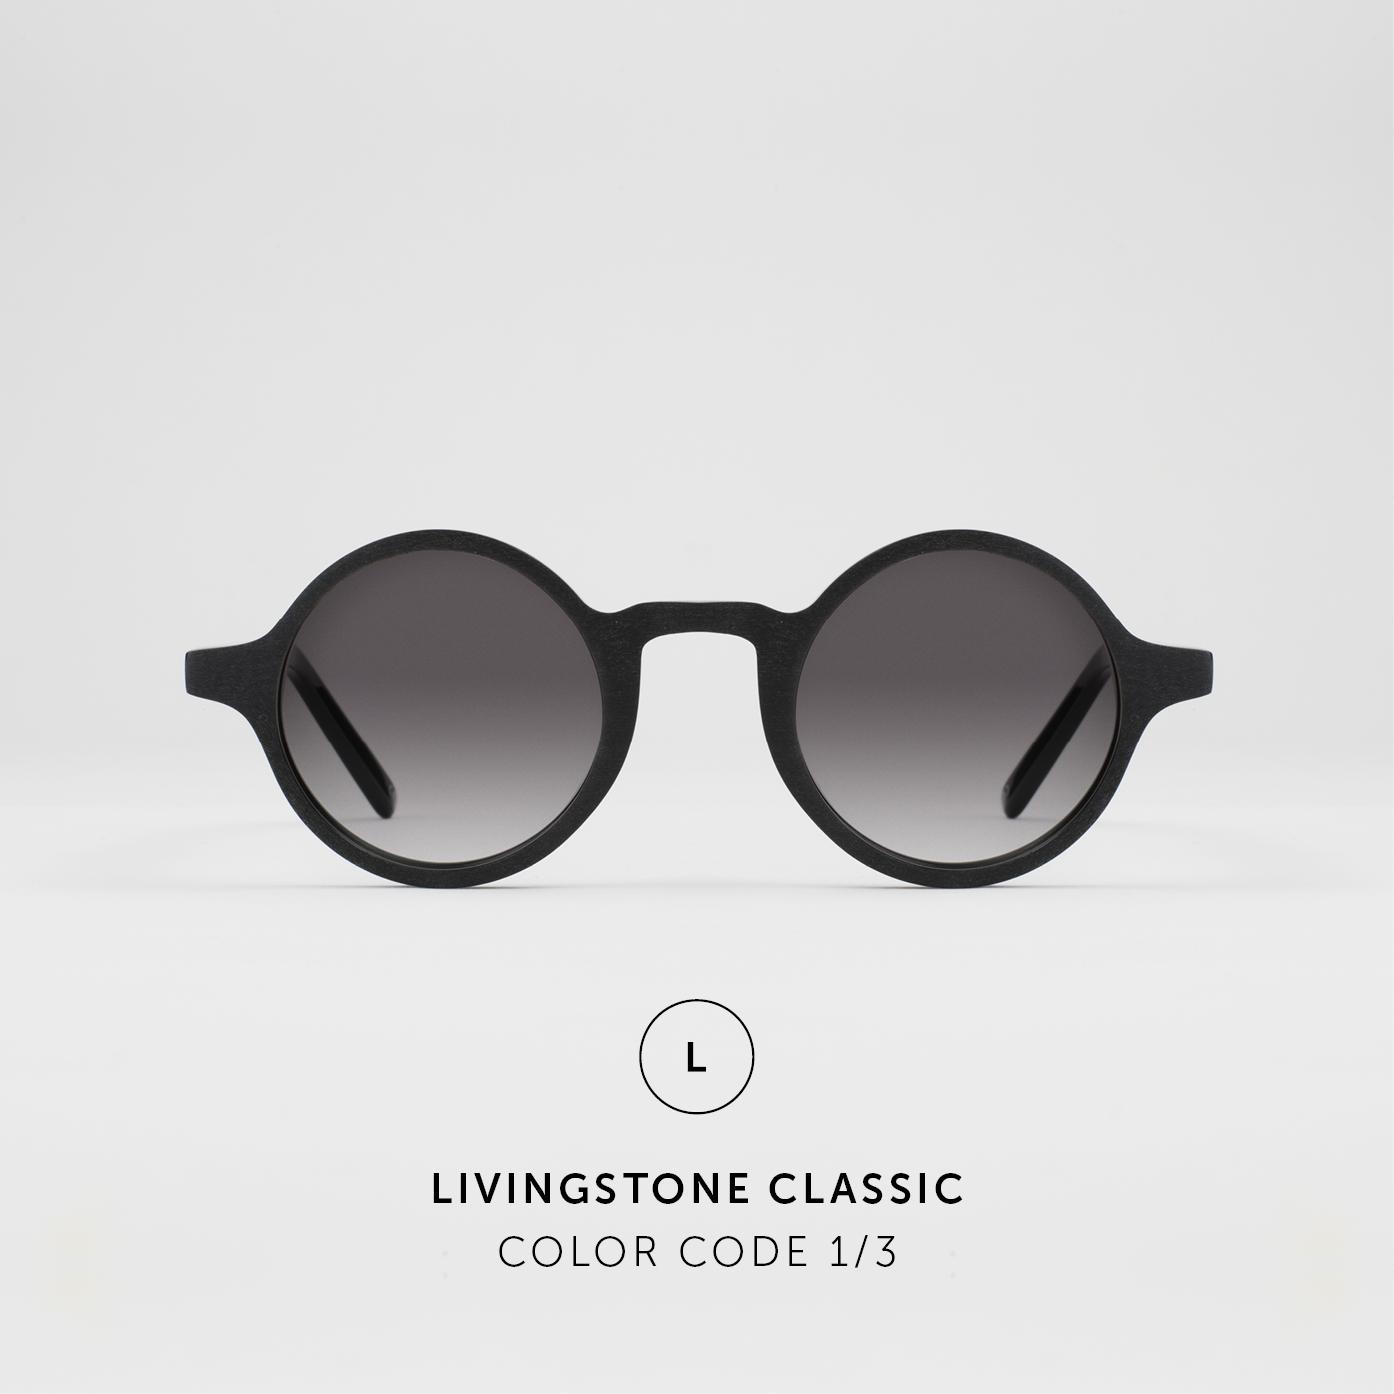 LivingstoneClassic11.jpg